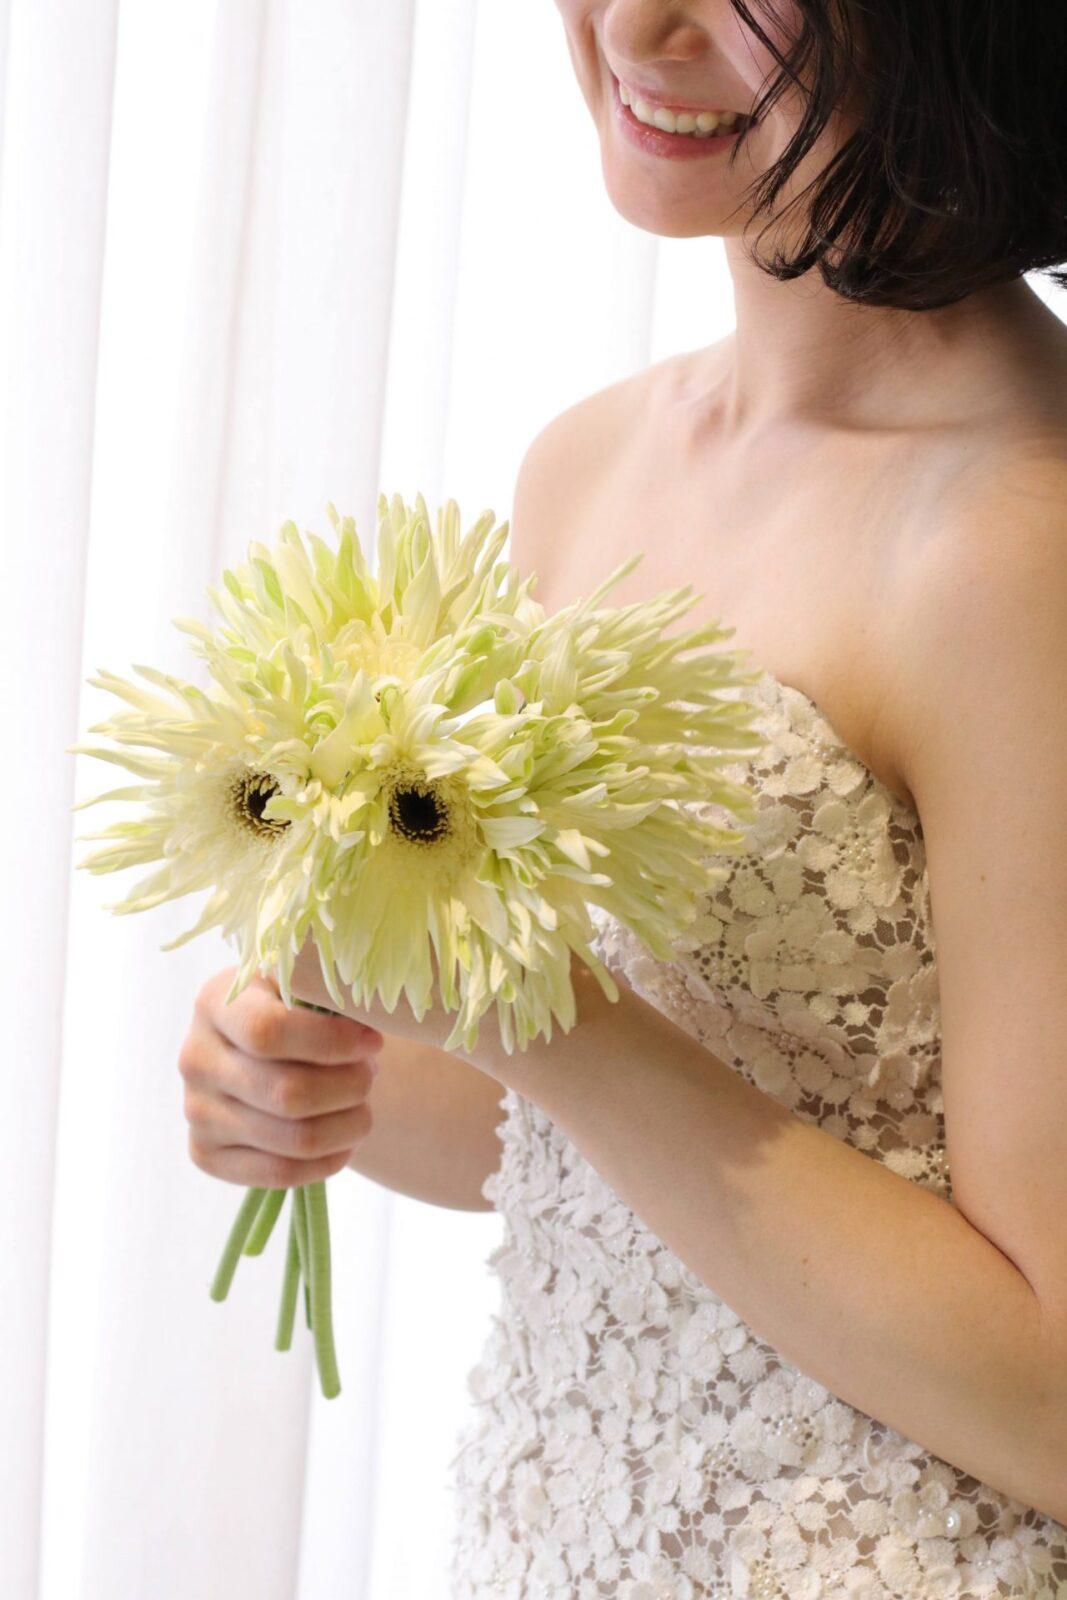 大切な結婚式には、思わず笑顔が溢れるようなお気に入りのウェディングドレスにご自身らしいブーケを組み合わせ、パーソナルスタイルを引き立てるコーディネートをザトリートドレッシングではお勧めいたします